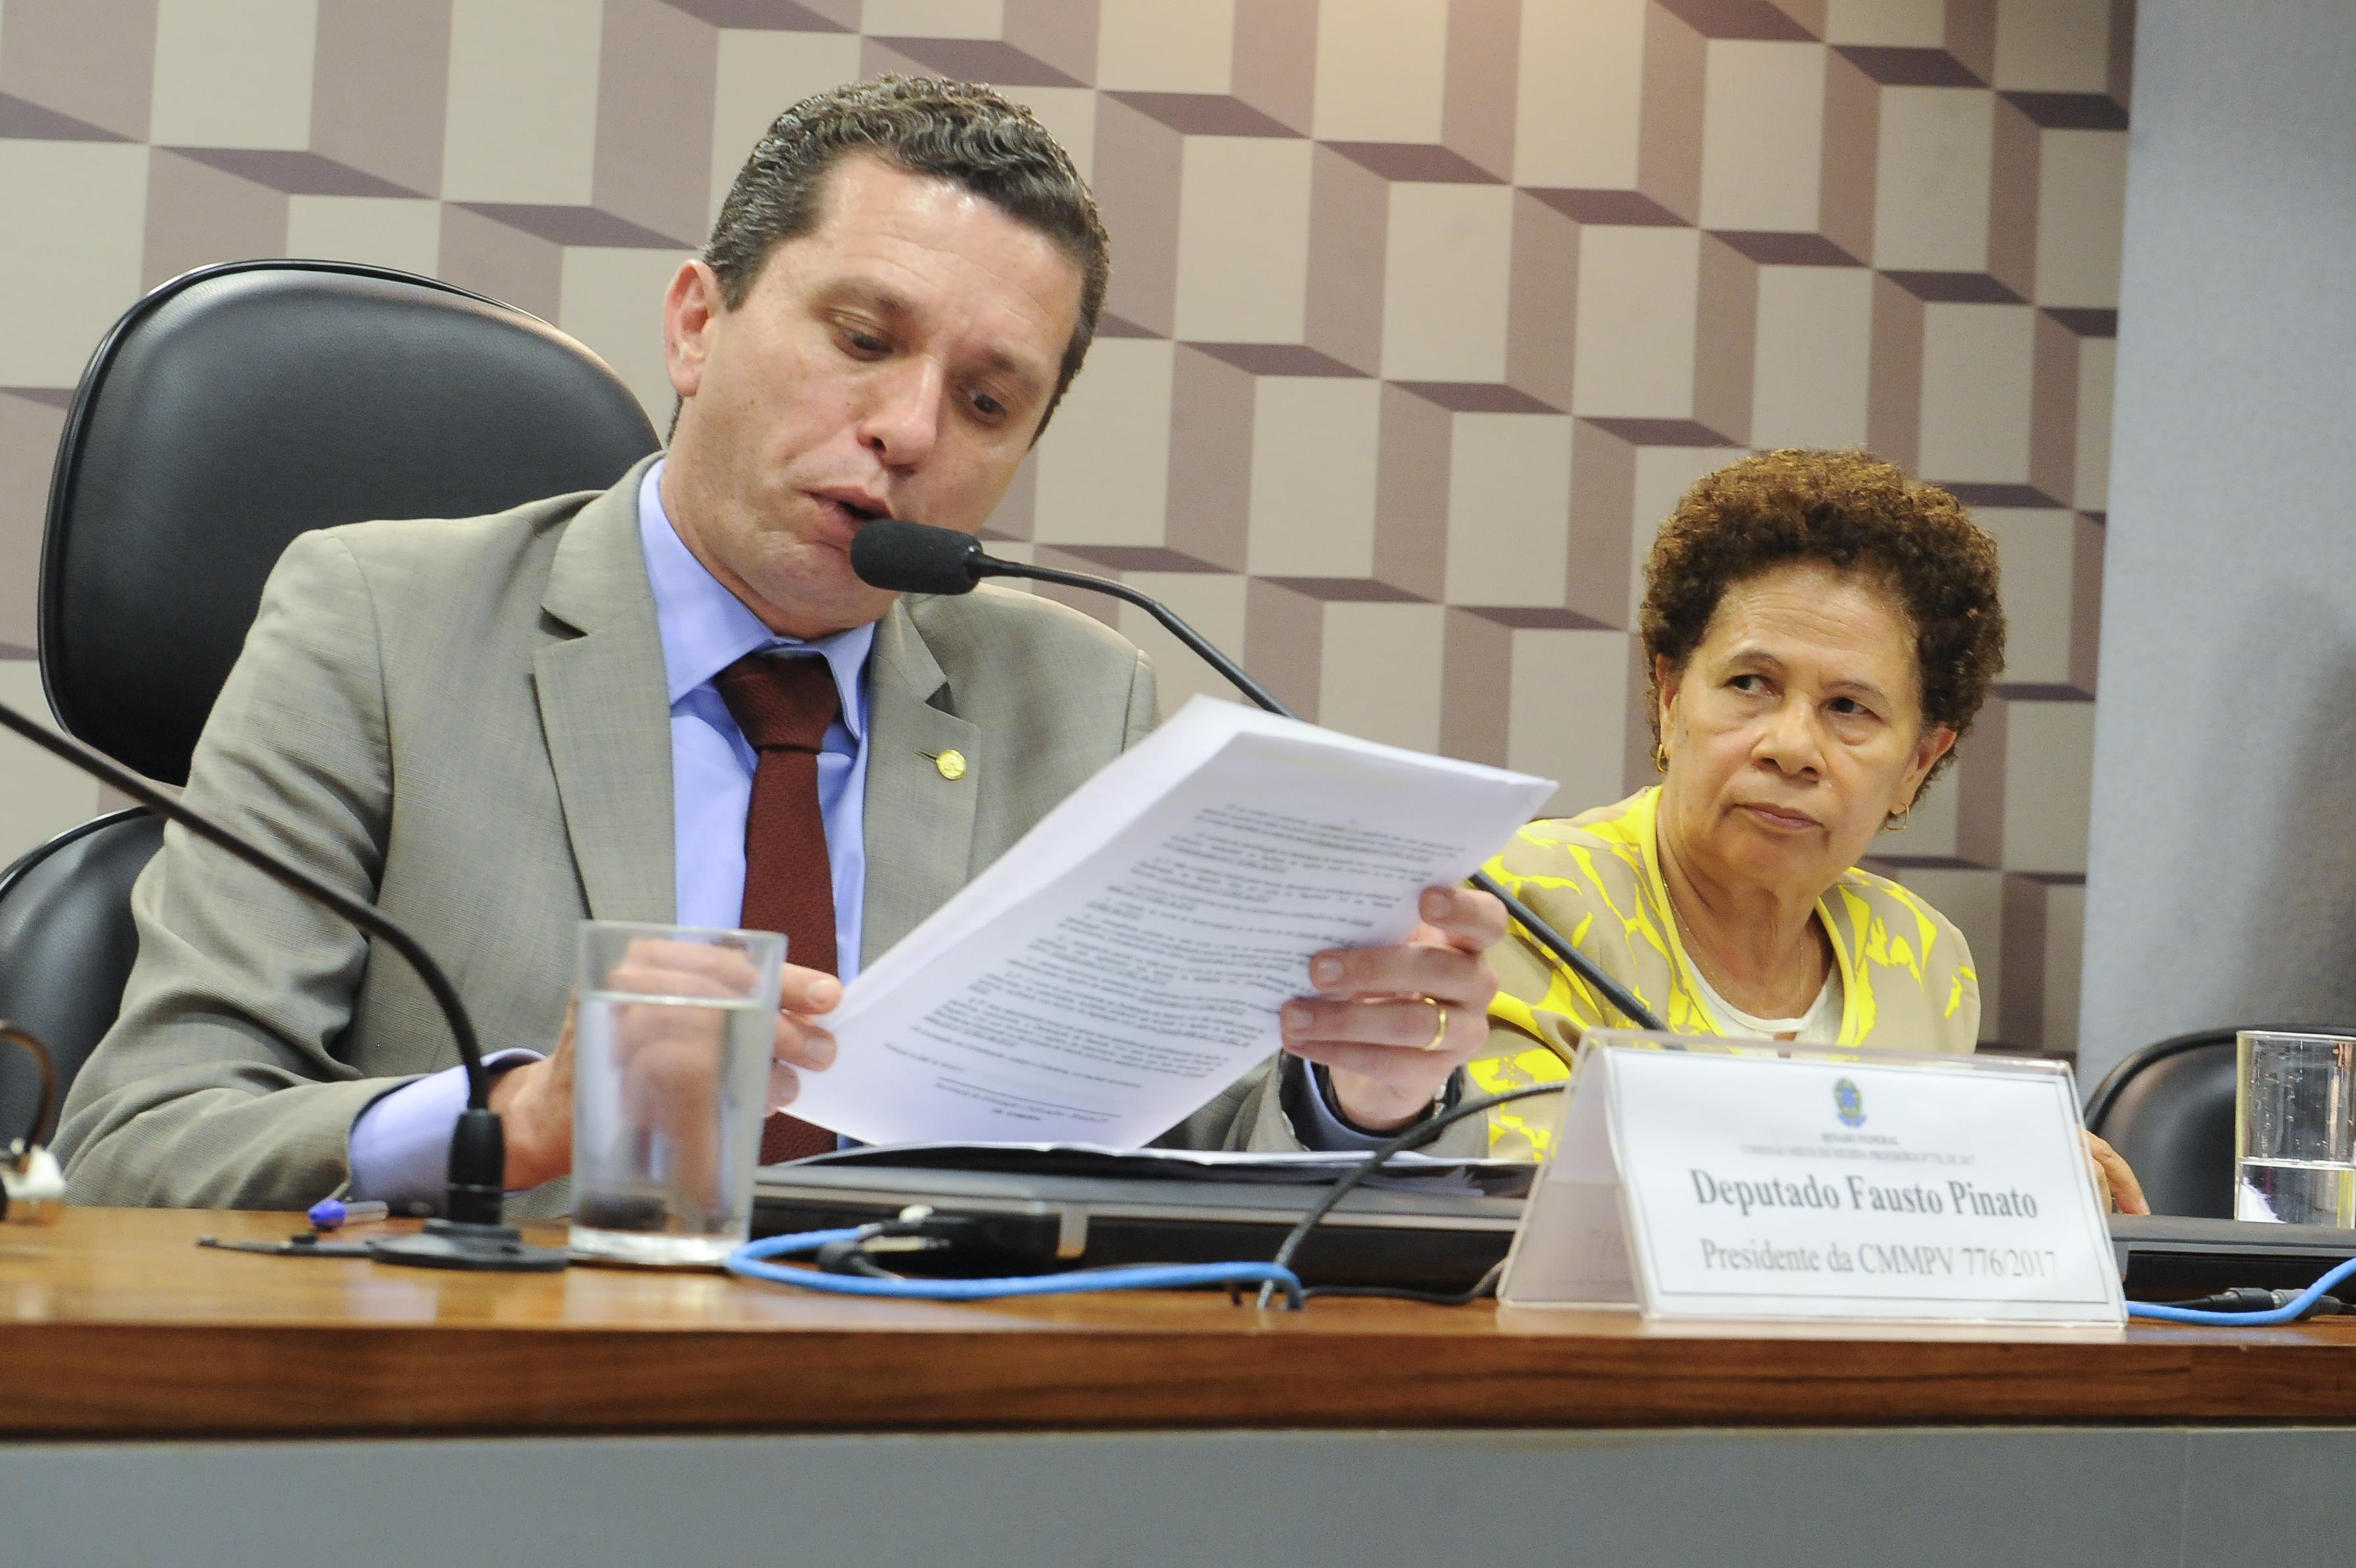 Presidente da comissão mista sobre a MP 776/17, deputado Fausto Pinato; e relatora da MP 776, senadora Regina Sousa